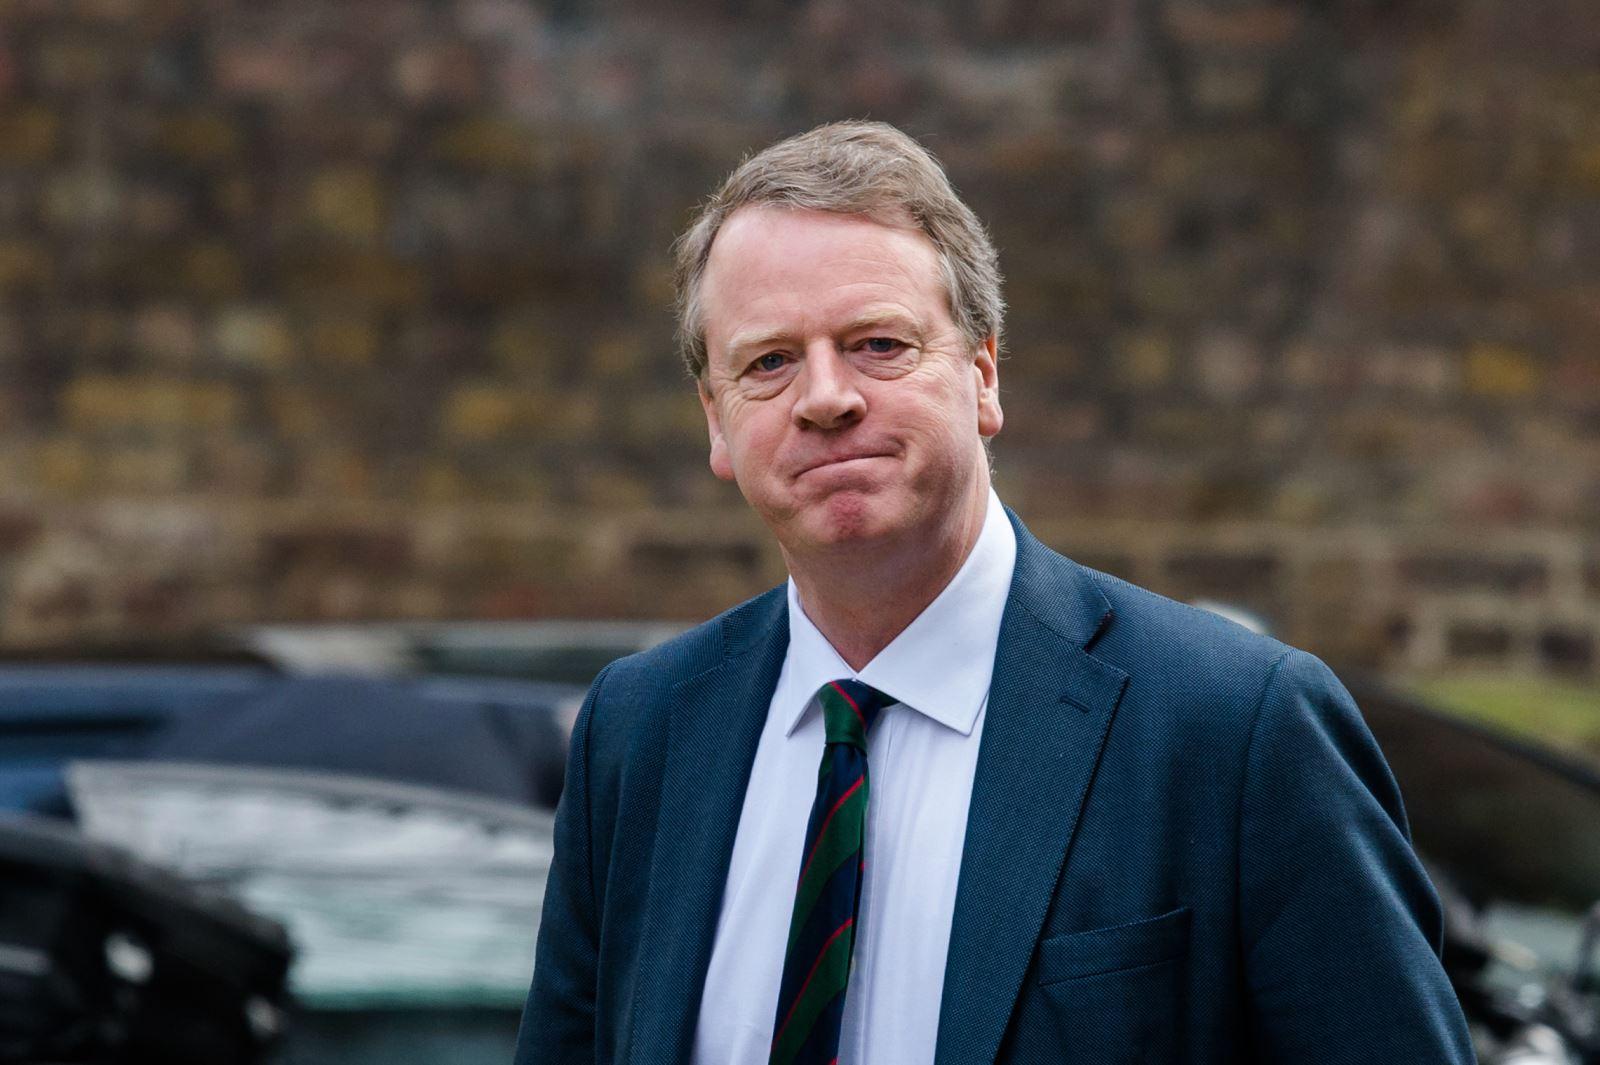 Quốc vụ khanh Bộ Ngoại giao Anh phụ trách vùng Scotland, ông Alister Jack. Ảnh: thesun.co.uk